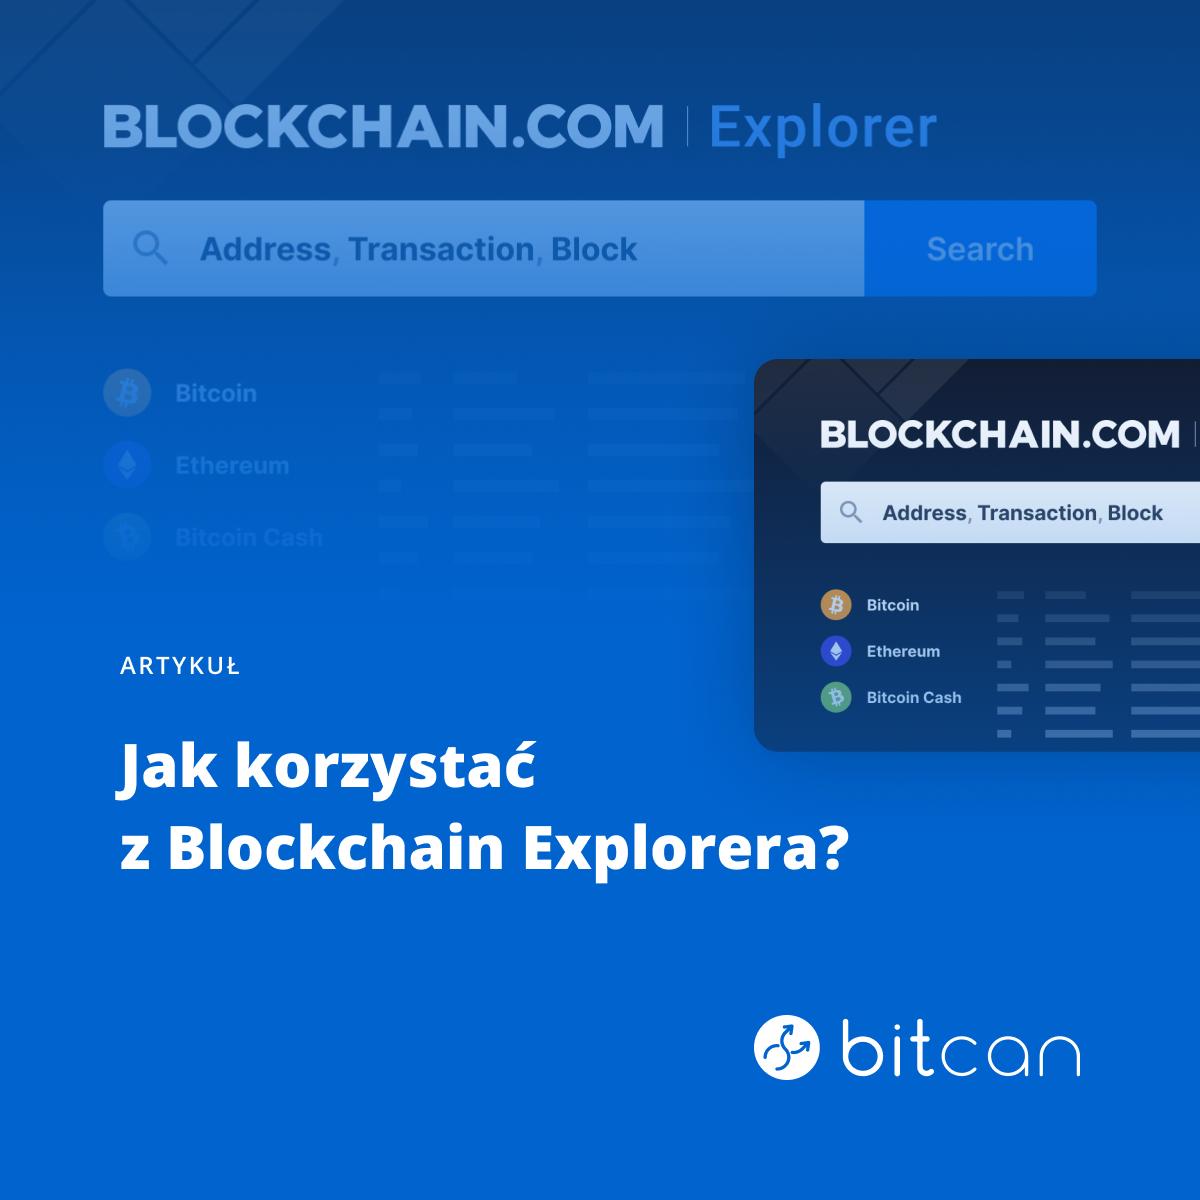 Jak korzystać z blockchain explorera?